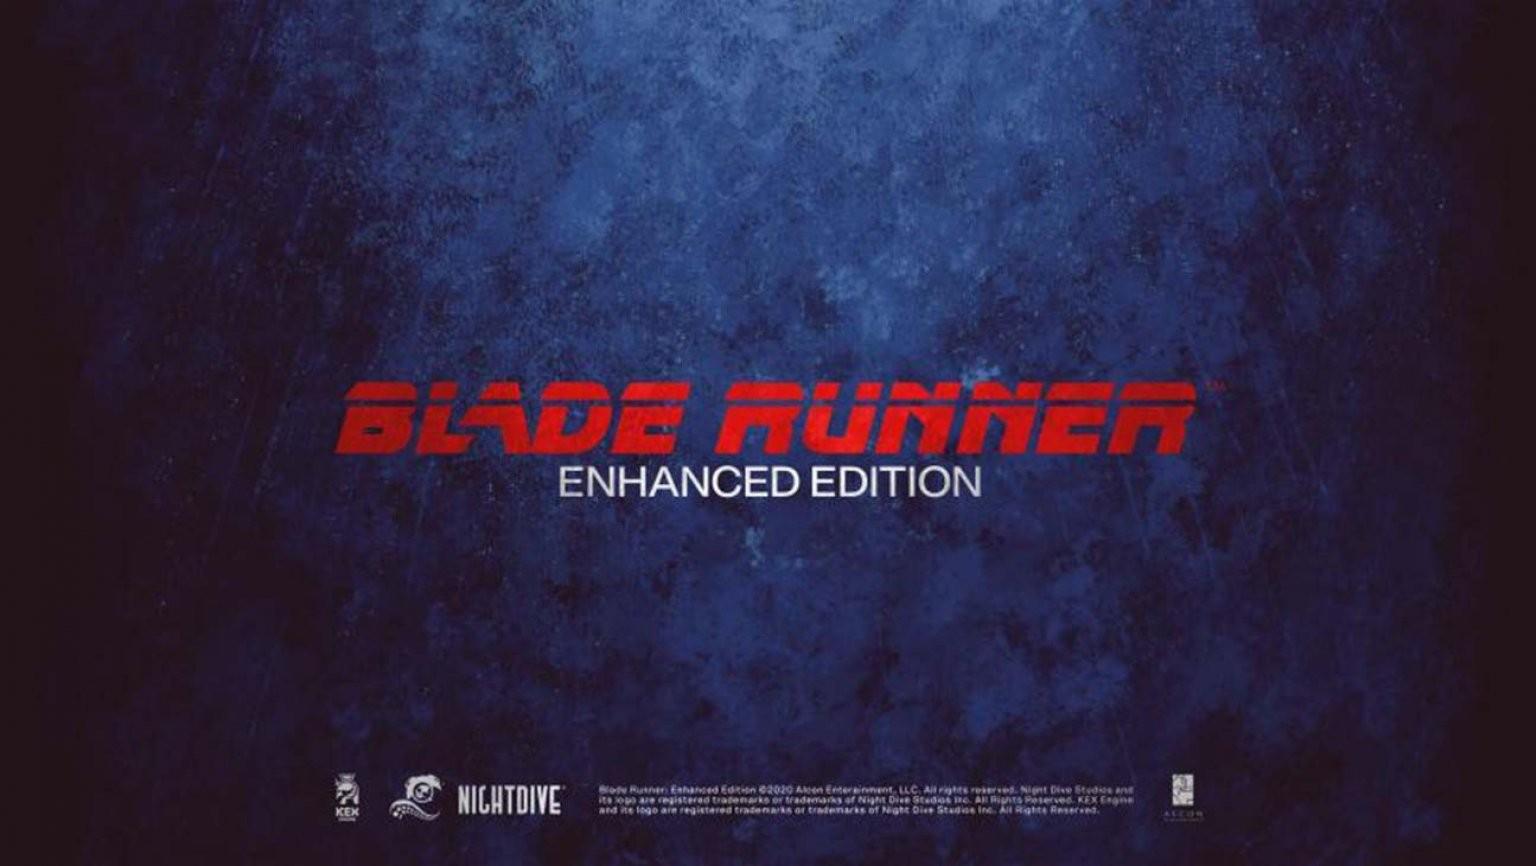 Если бы ты видел то, что я видел твоими глазами: анонс ремастера Blade Runner.